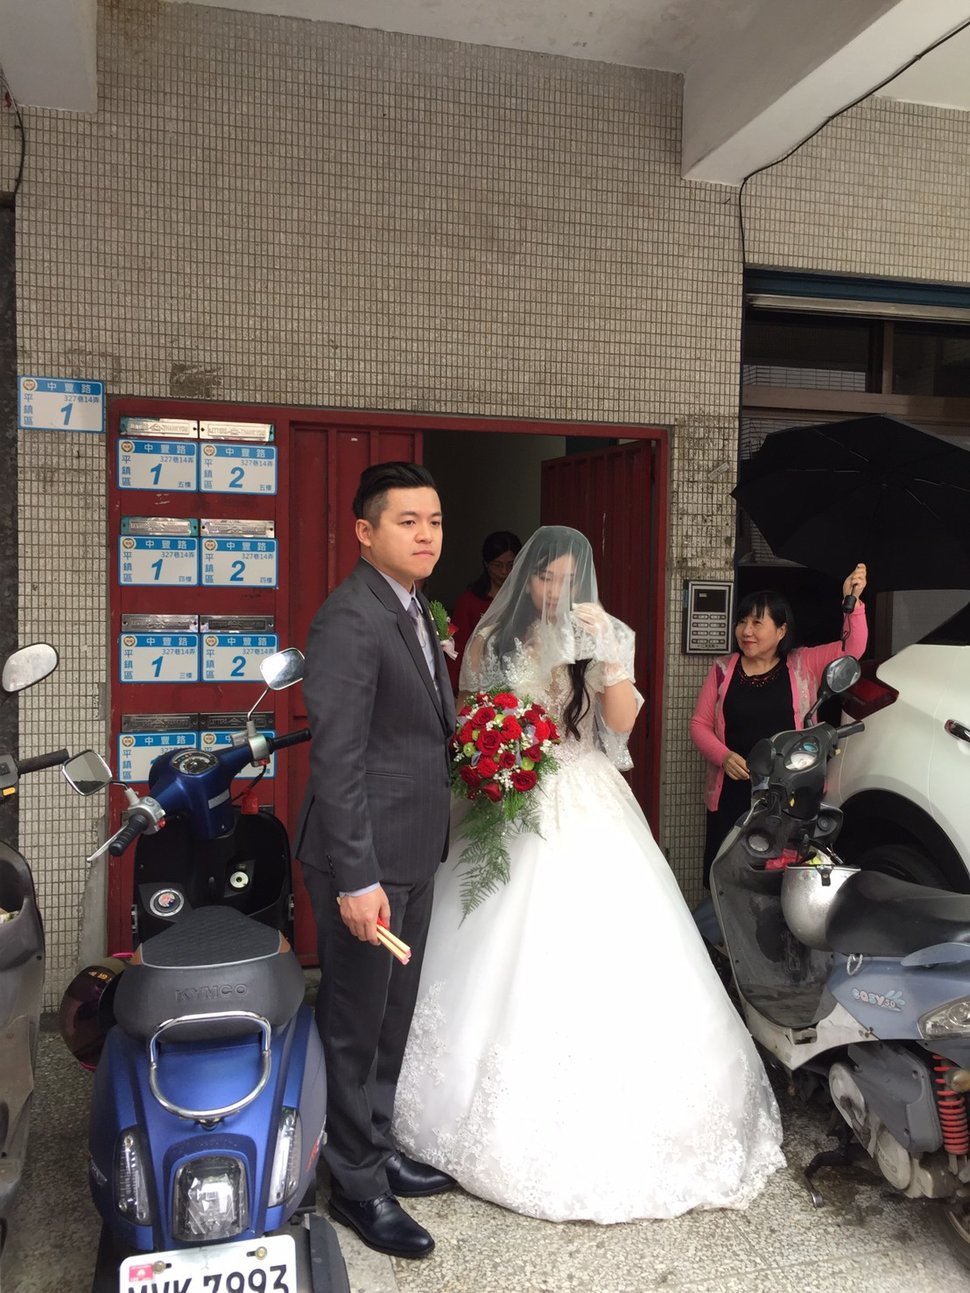 IMG_7004 - 複製 - 幸福結婚禮車出租《結婚吧》